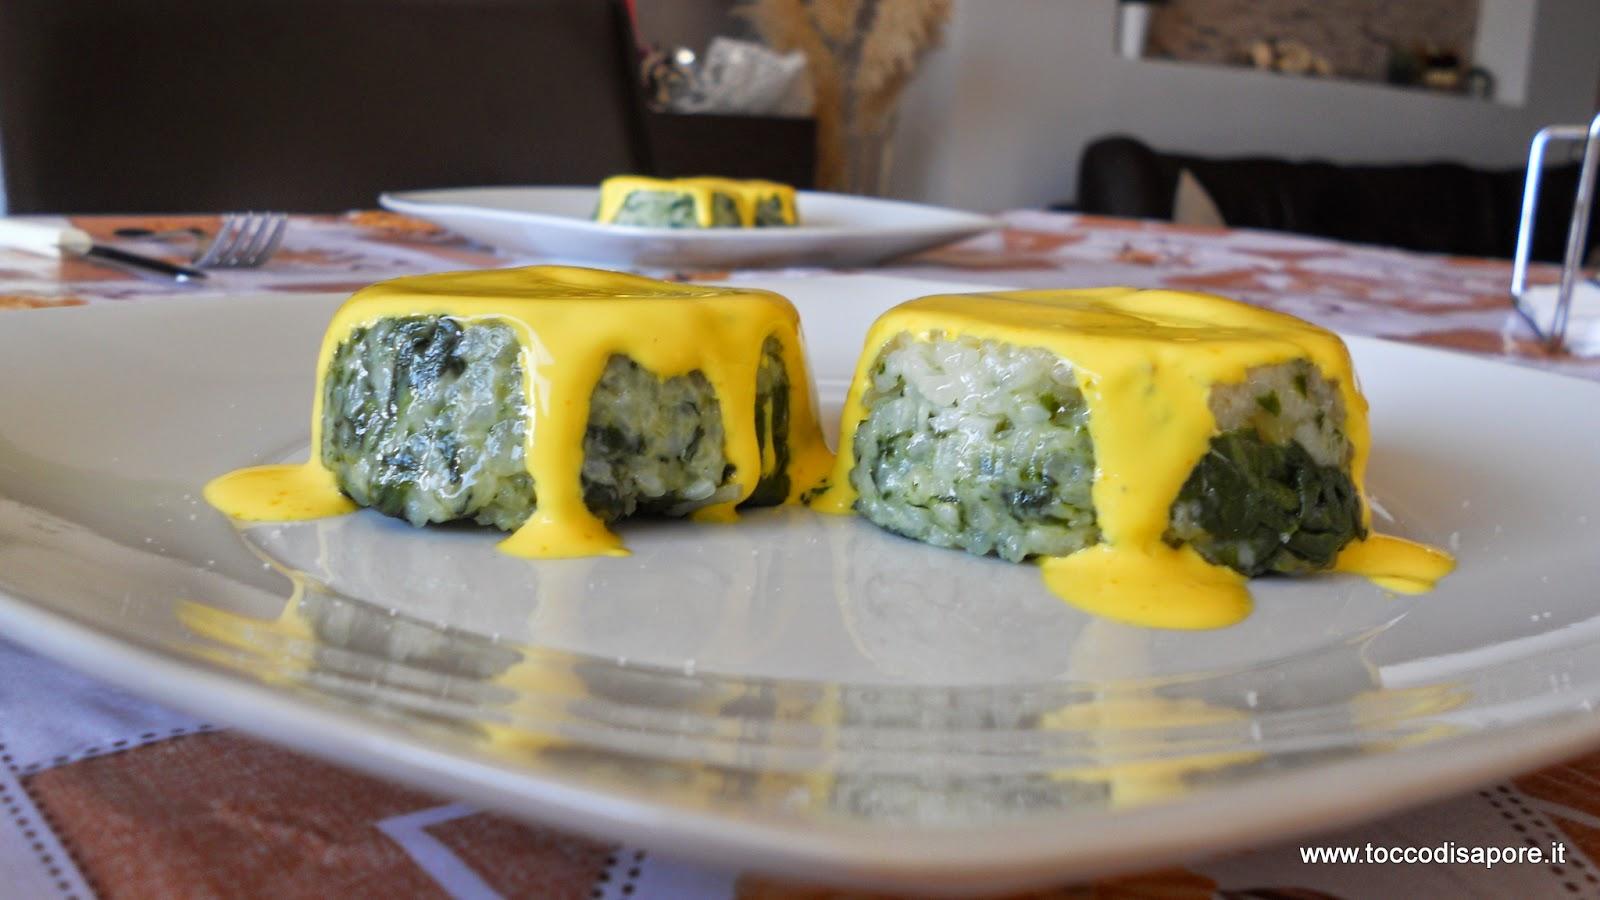 Tortini di risotto agli spinaci con fonduta di formaggio allo zafferano